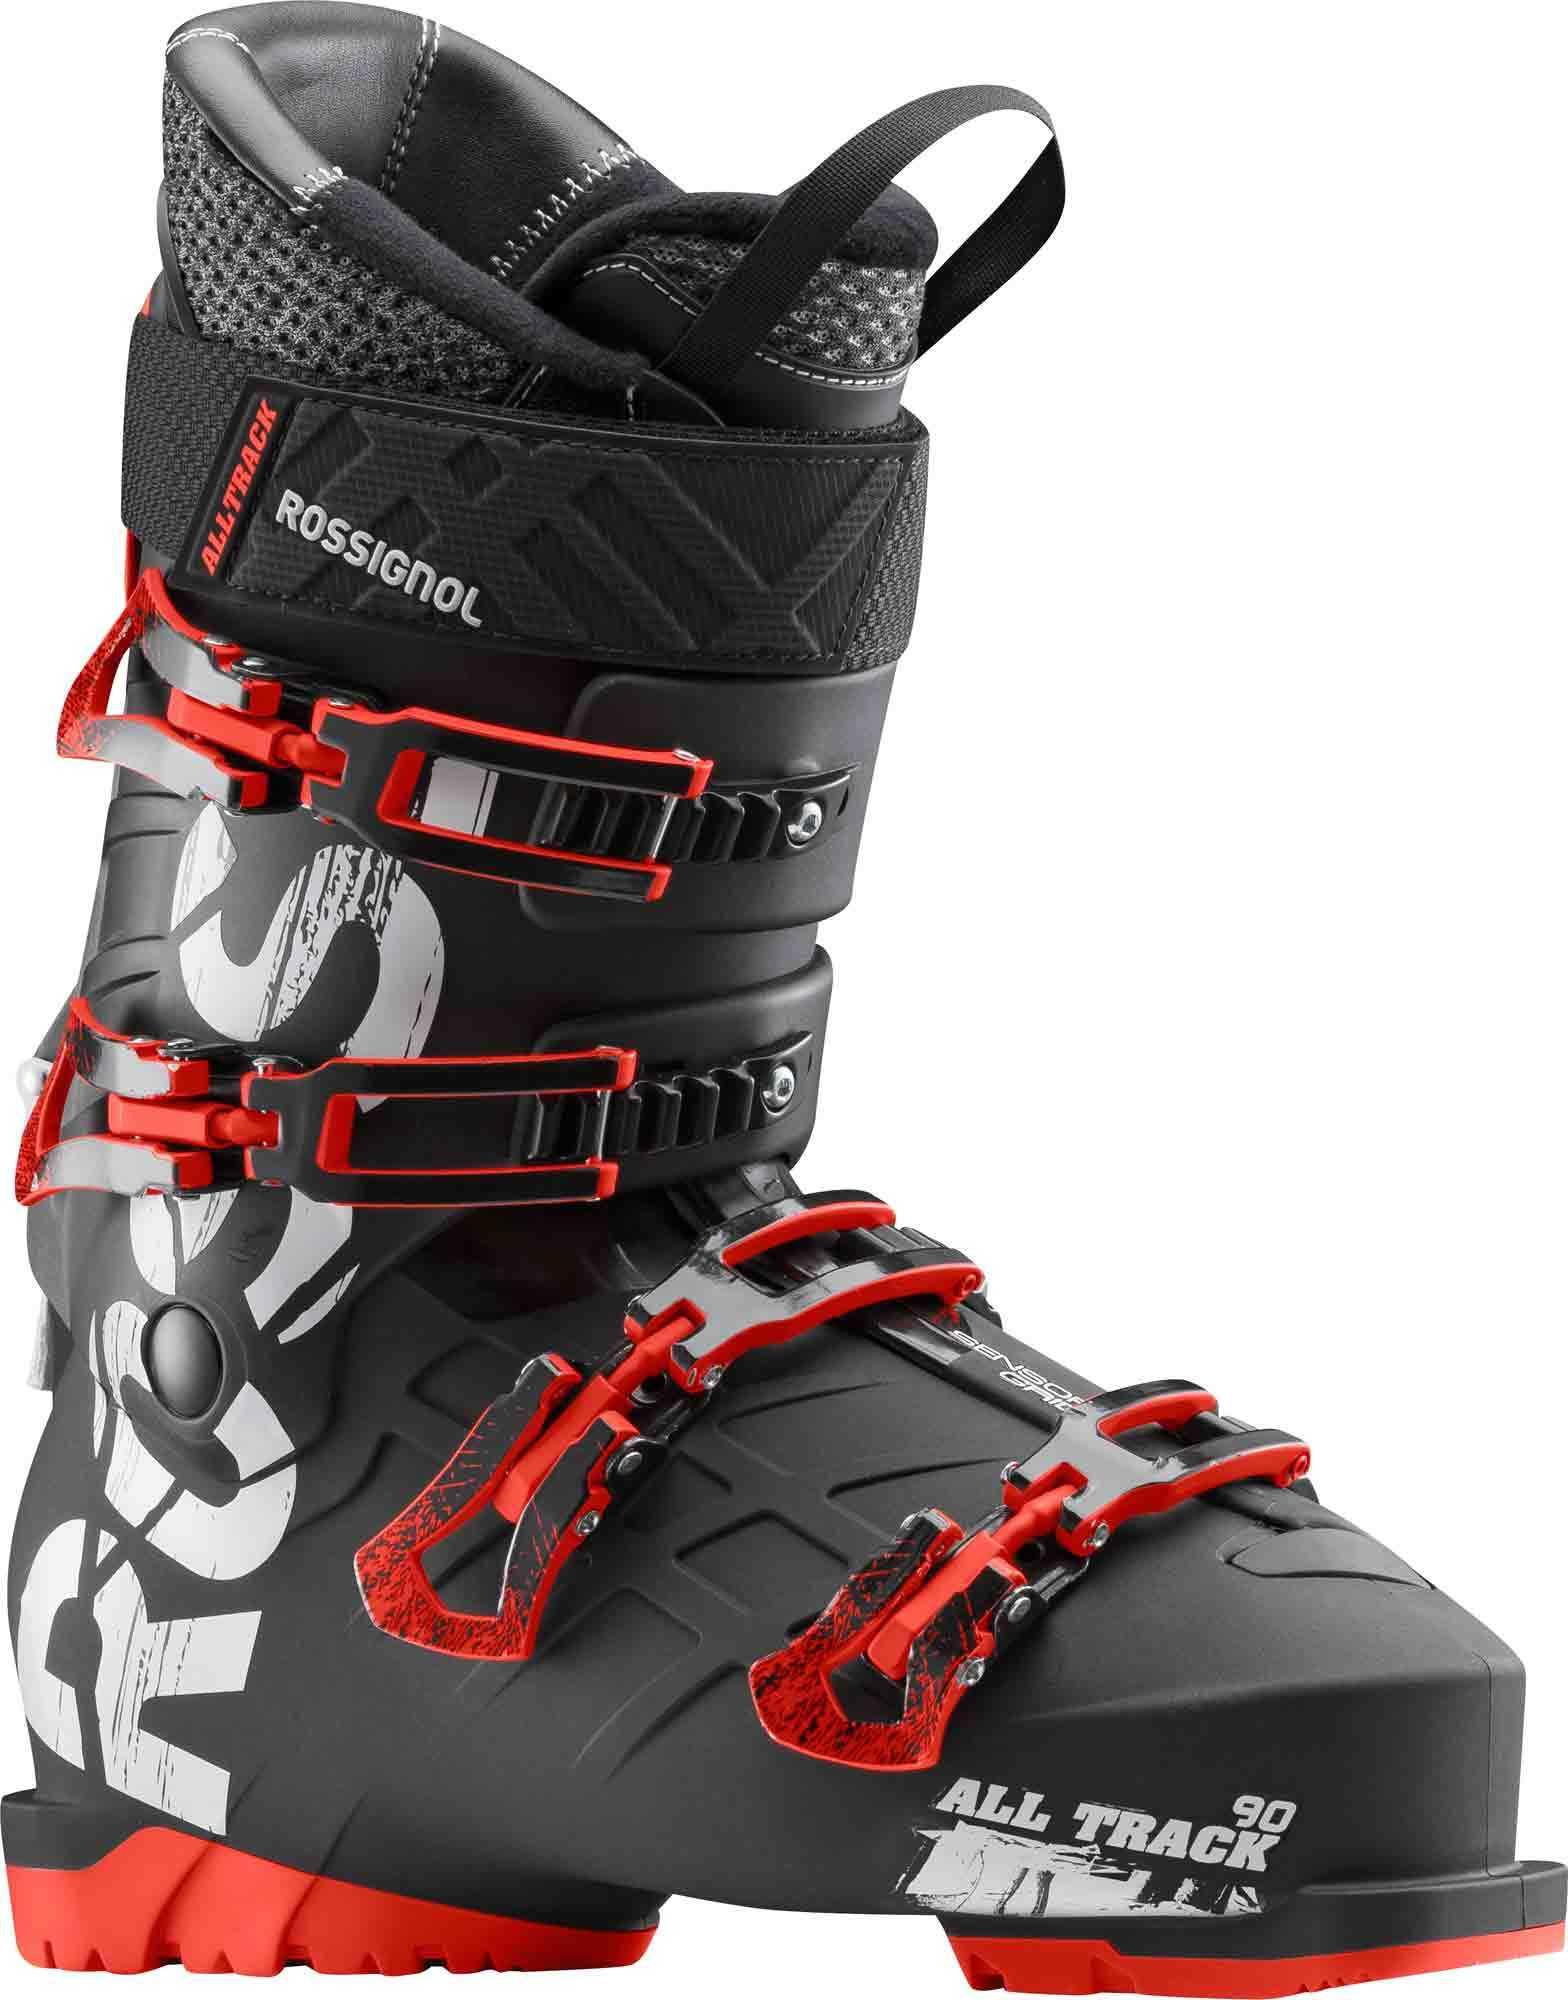 Rossignol Alltrack 90 R3160 Heren skischoenen